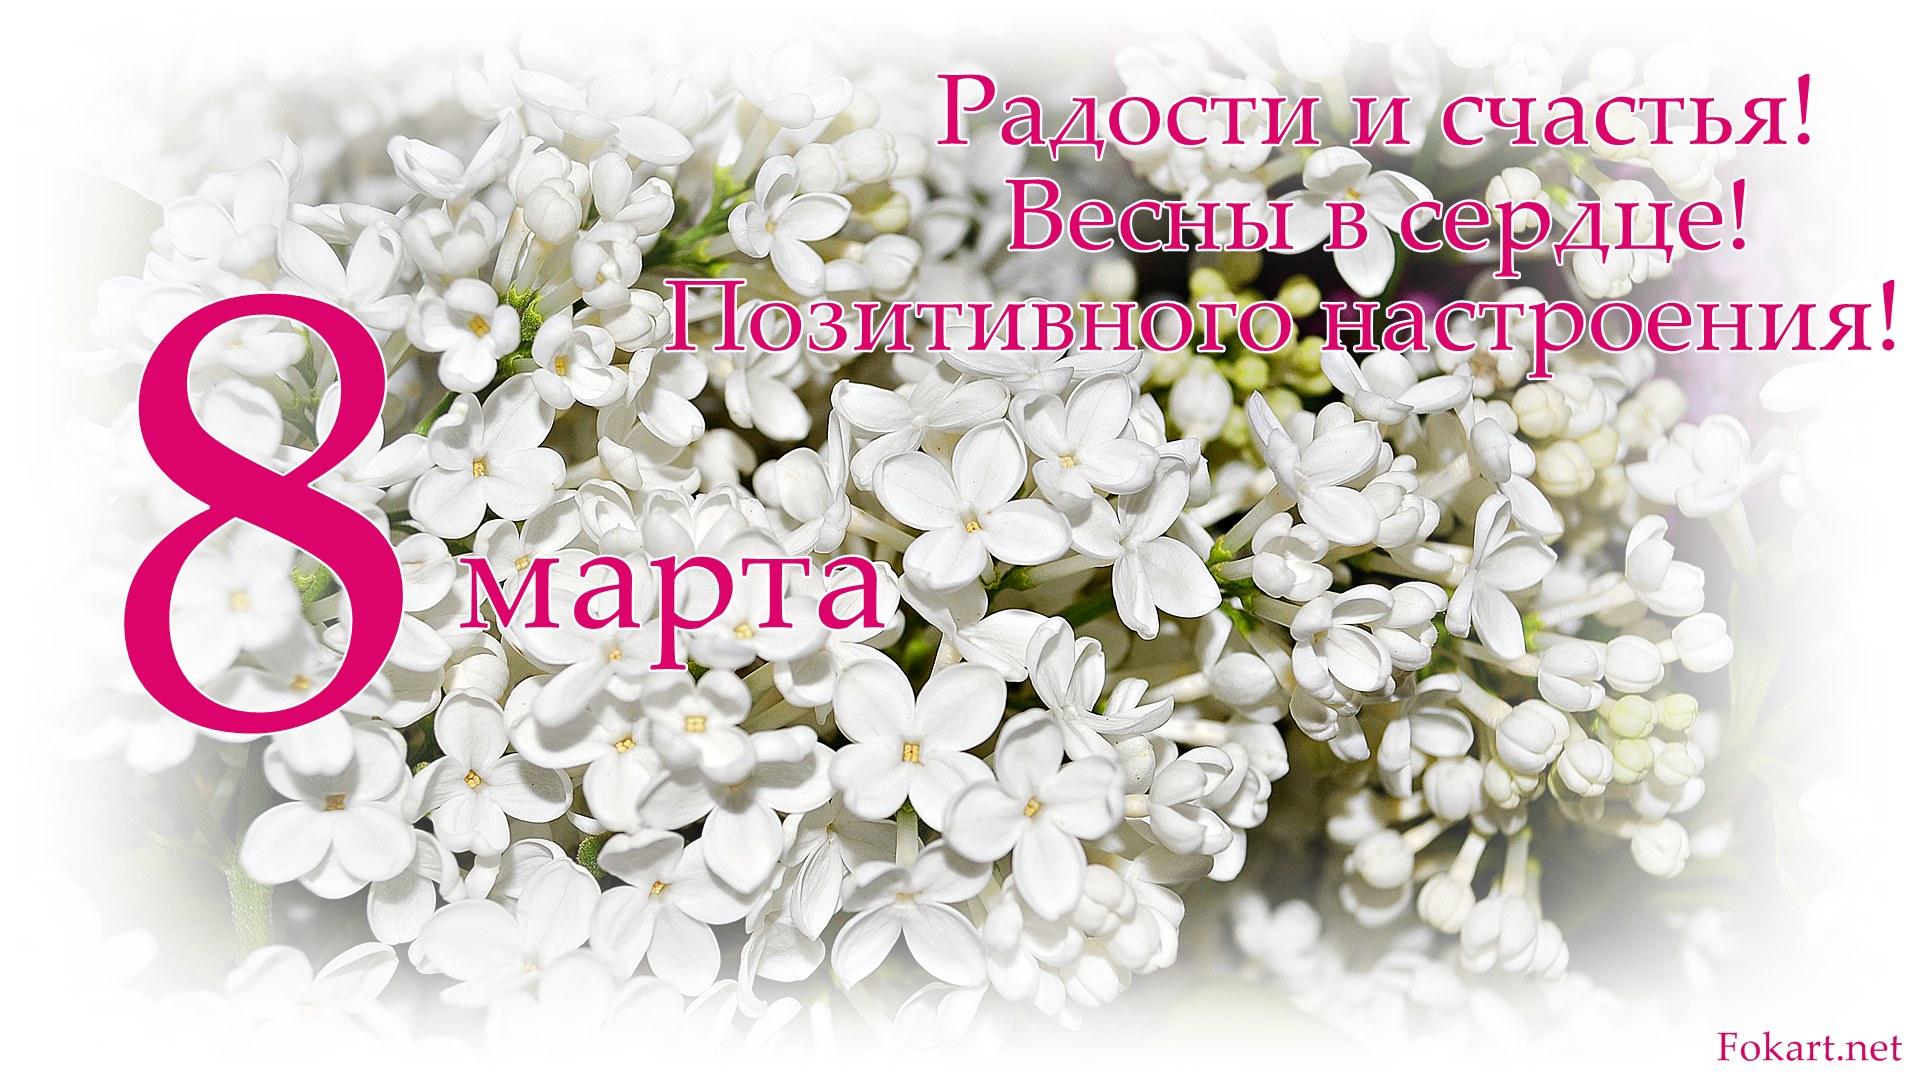 Открытка с 8 марта - Белая сирень крупным планом. Радости и счастья! Фото-обои 1920-1080.